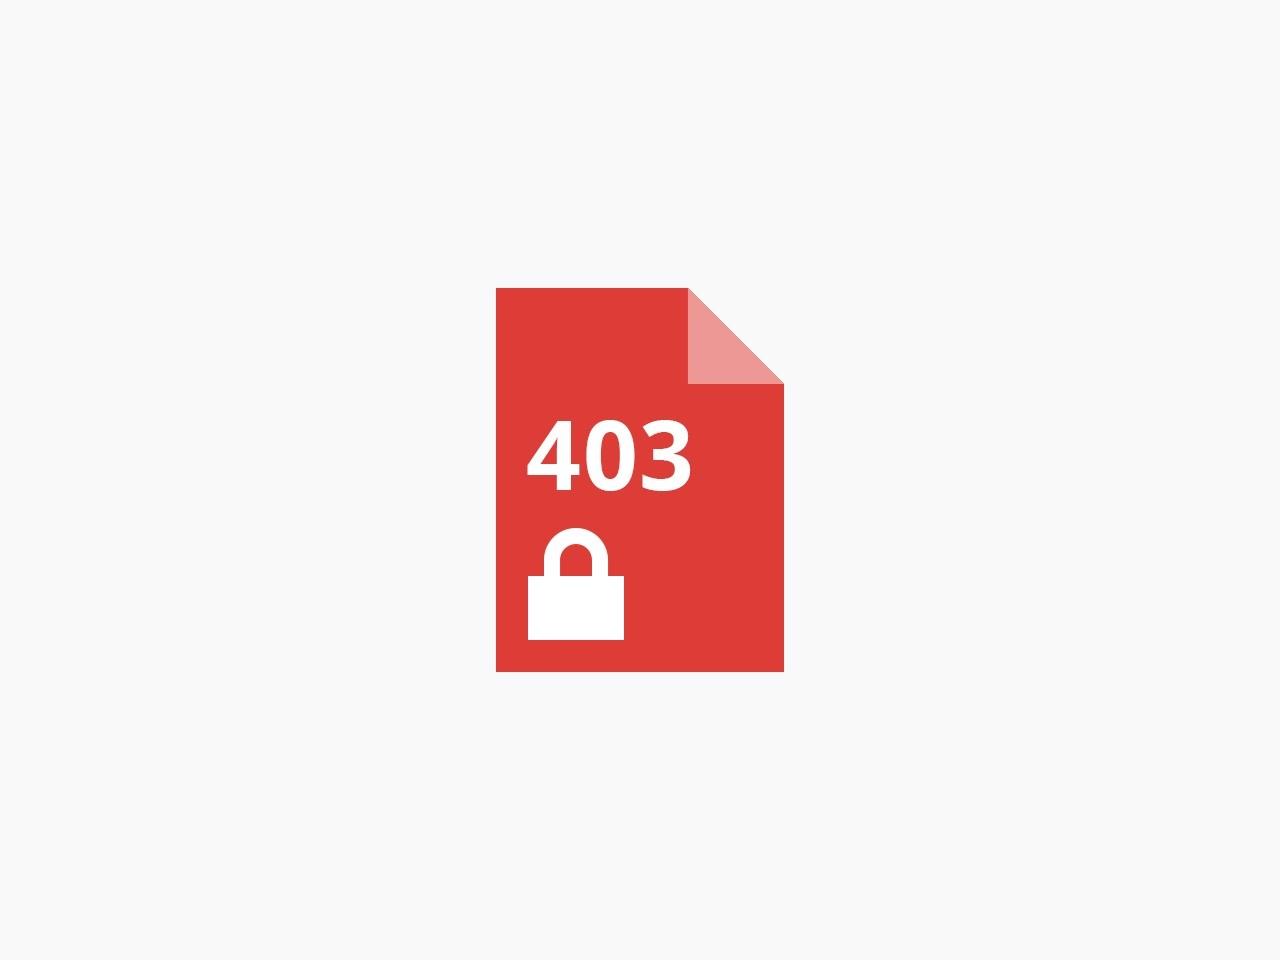 厦门网的网站截图